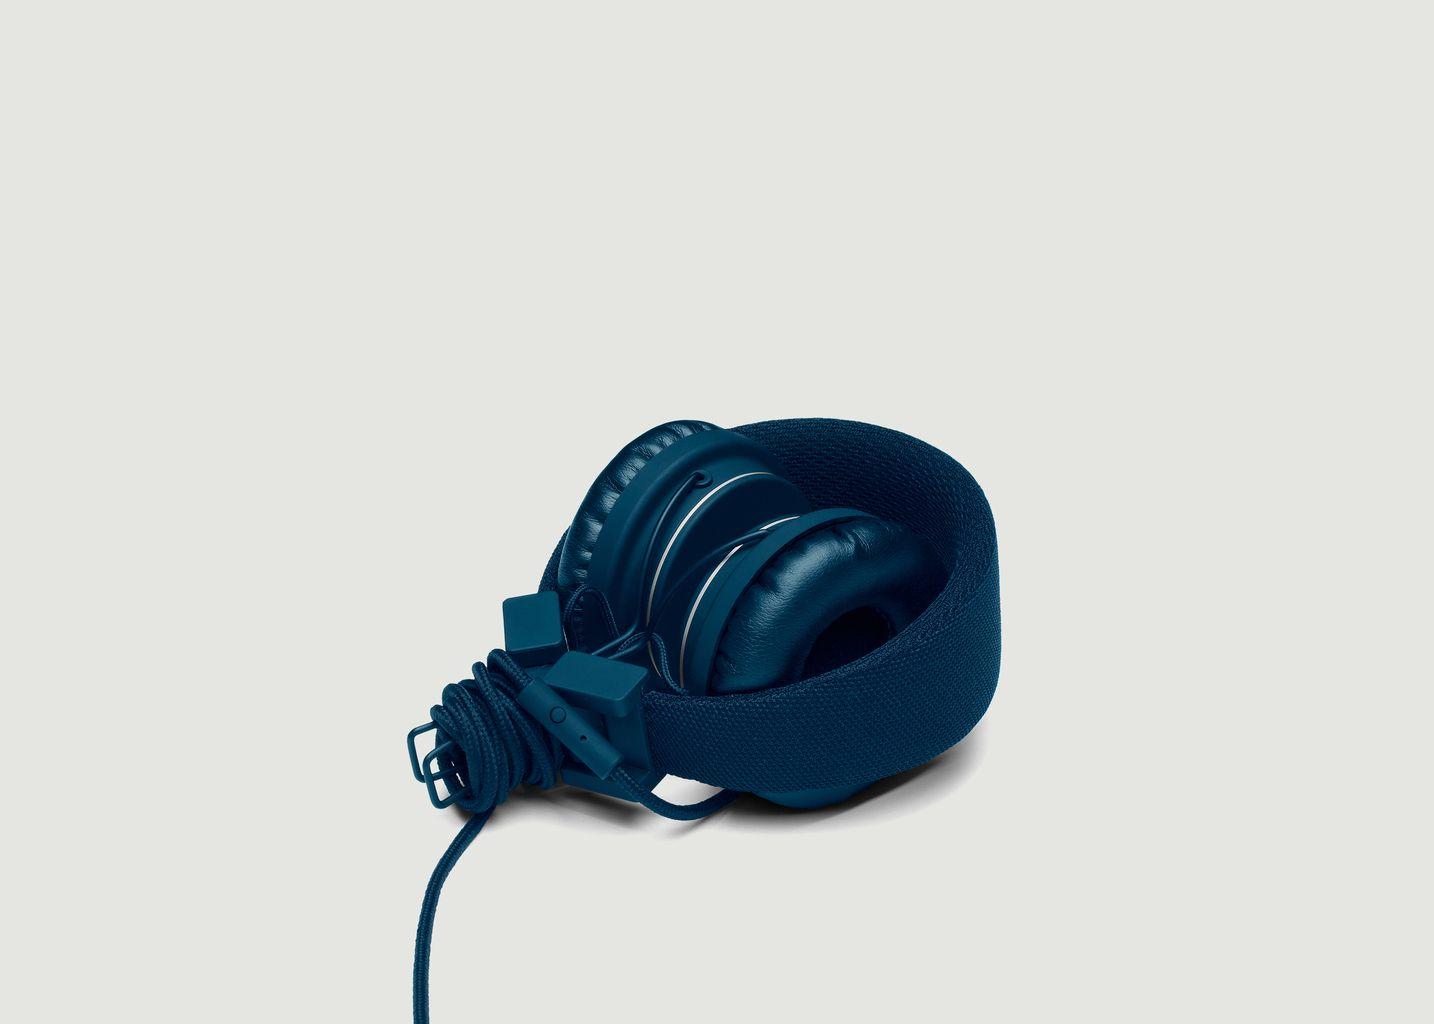 Casque Plattan 2 - Urban Ears